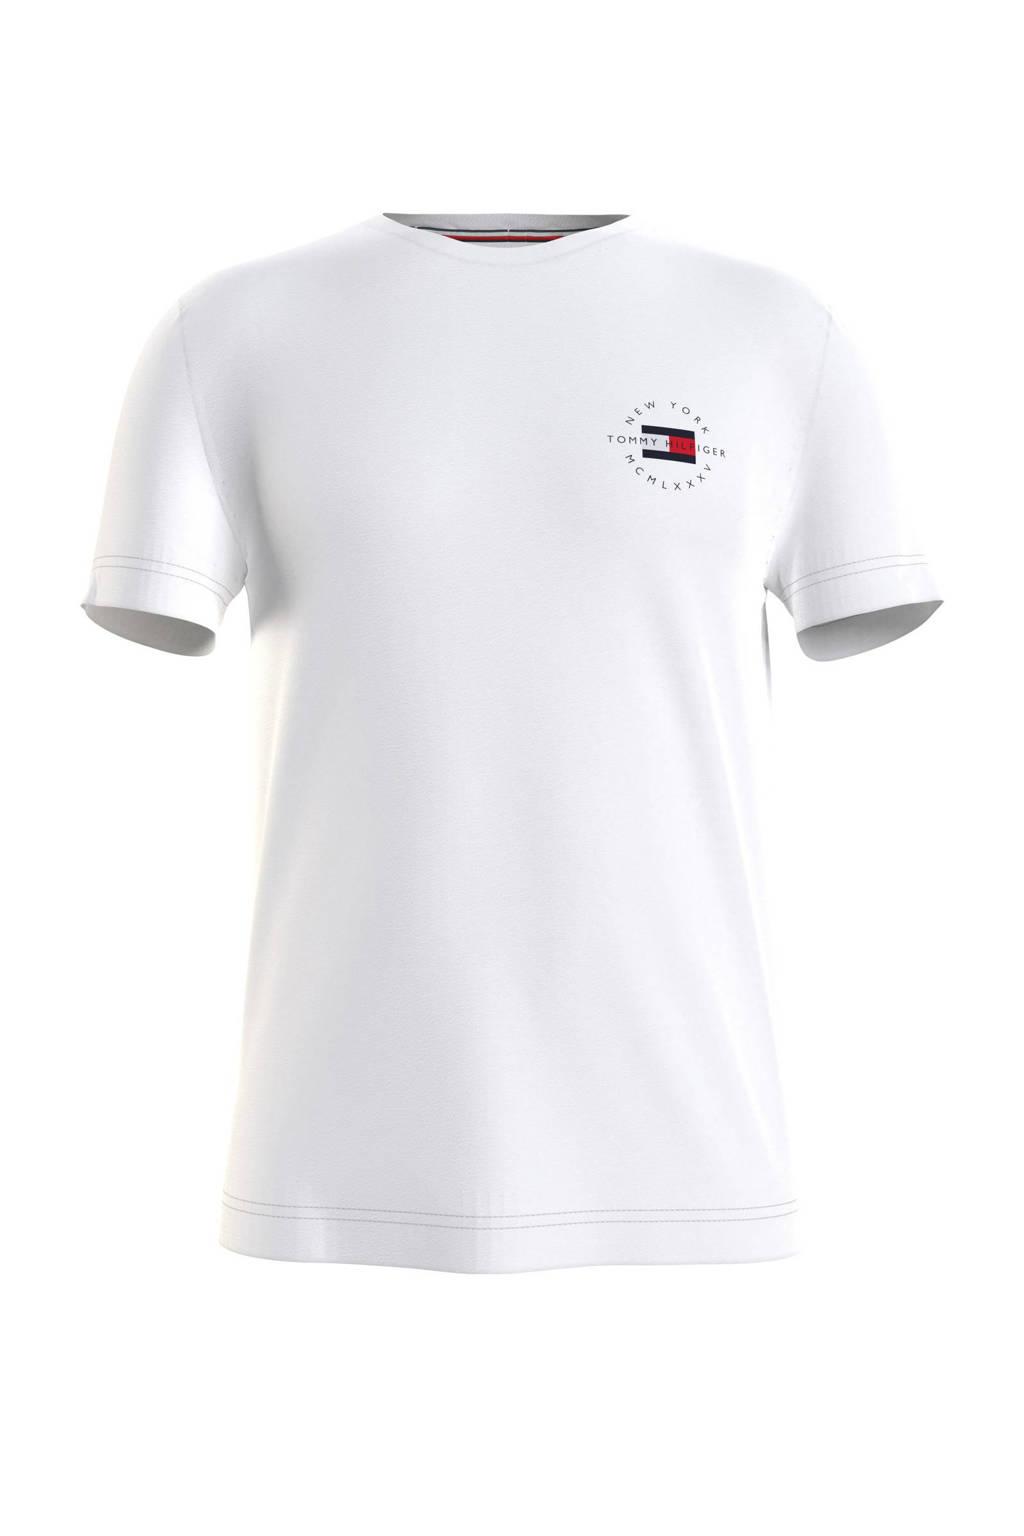 Tommy Hilfiger T-shirt van biologisch katoen wit, Wit